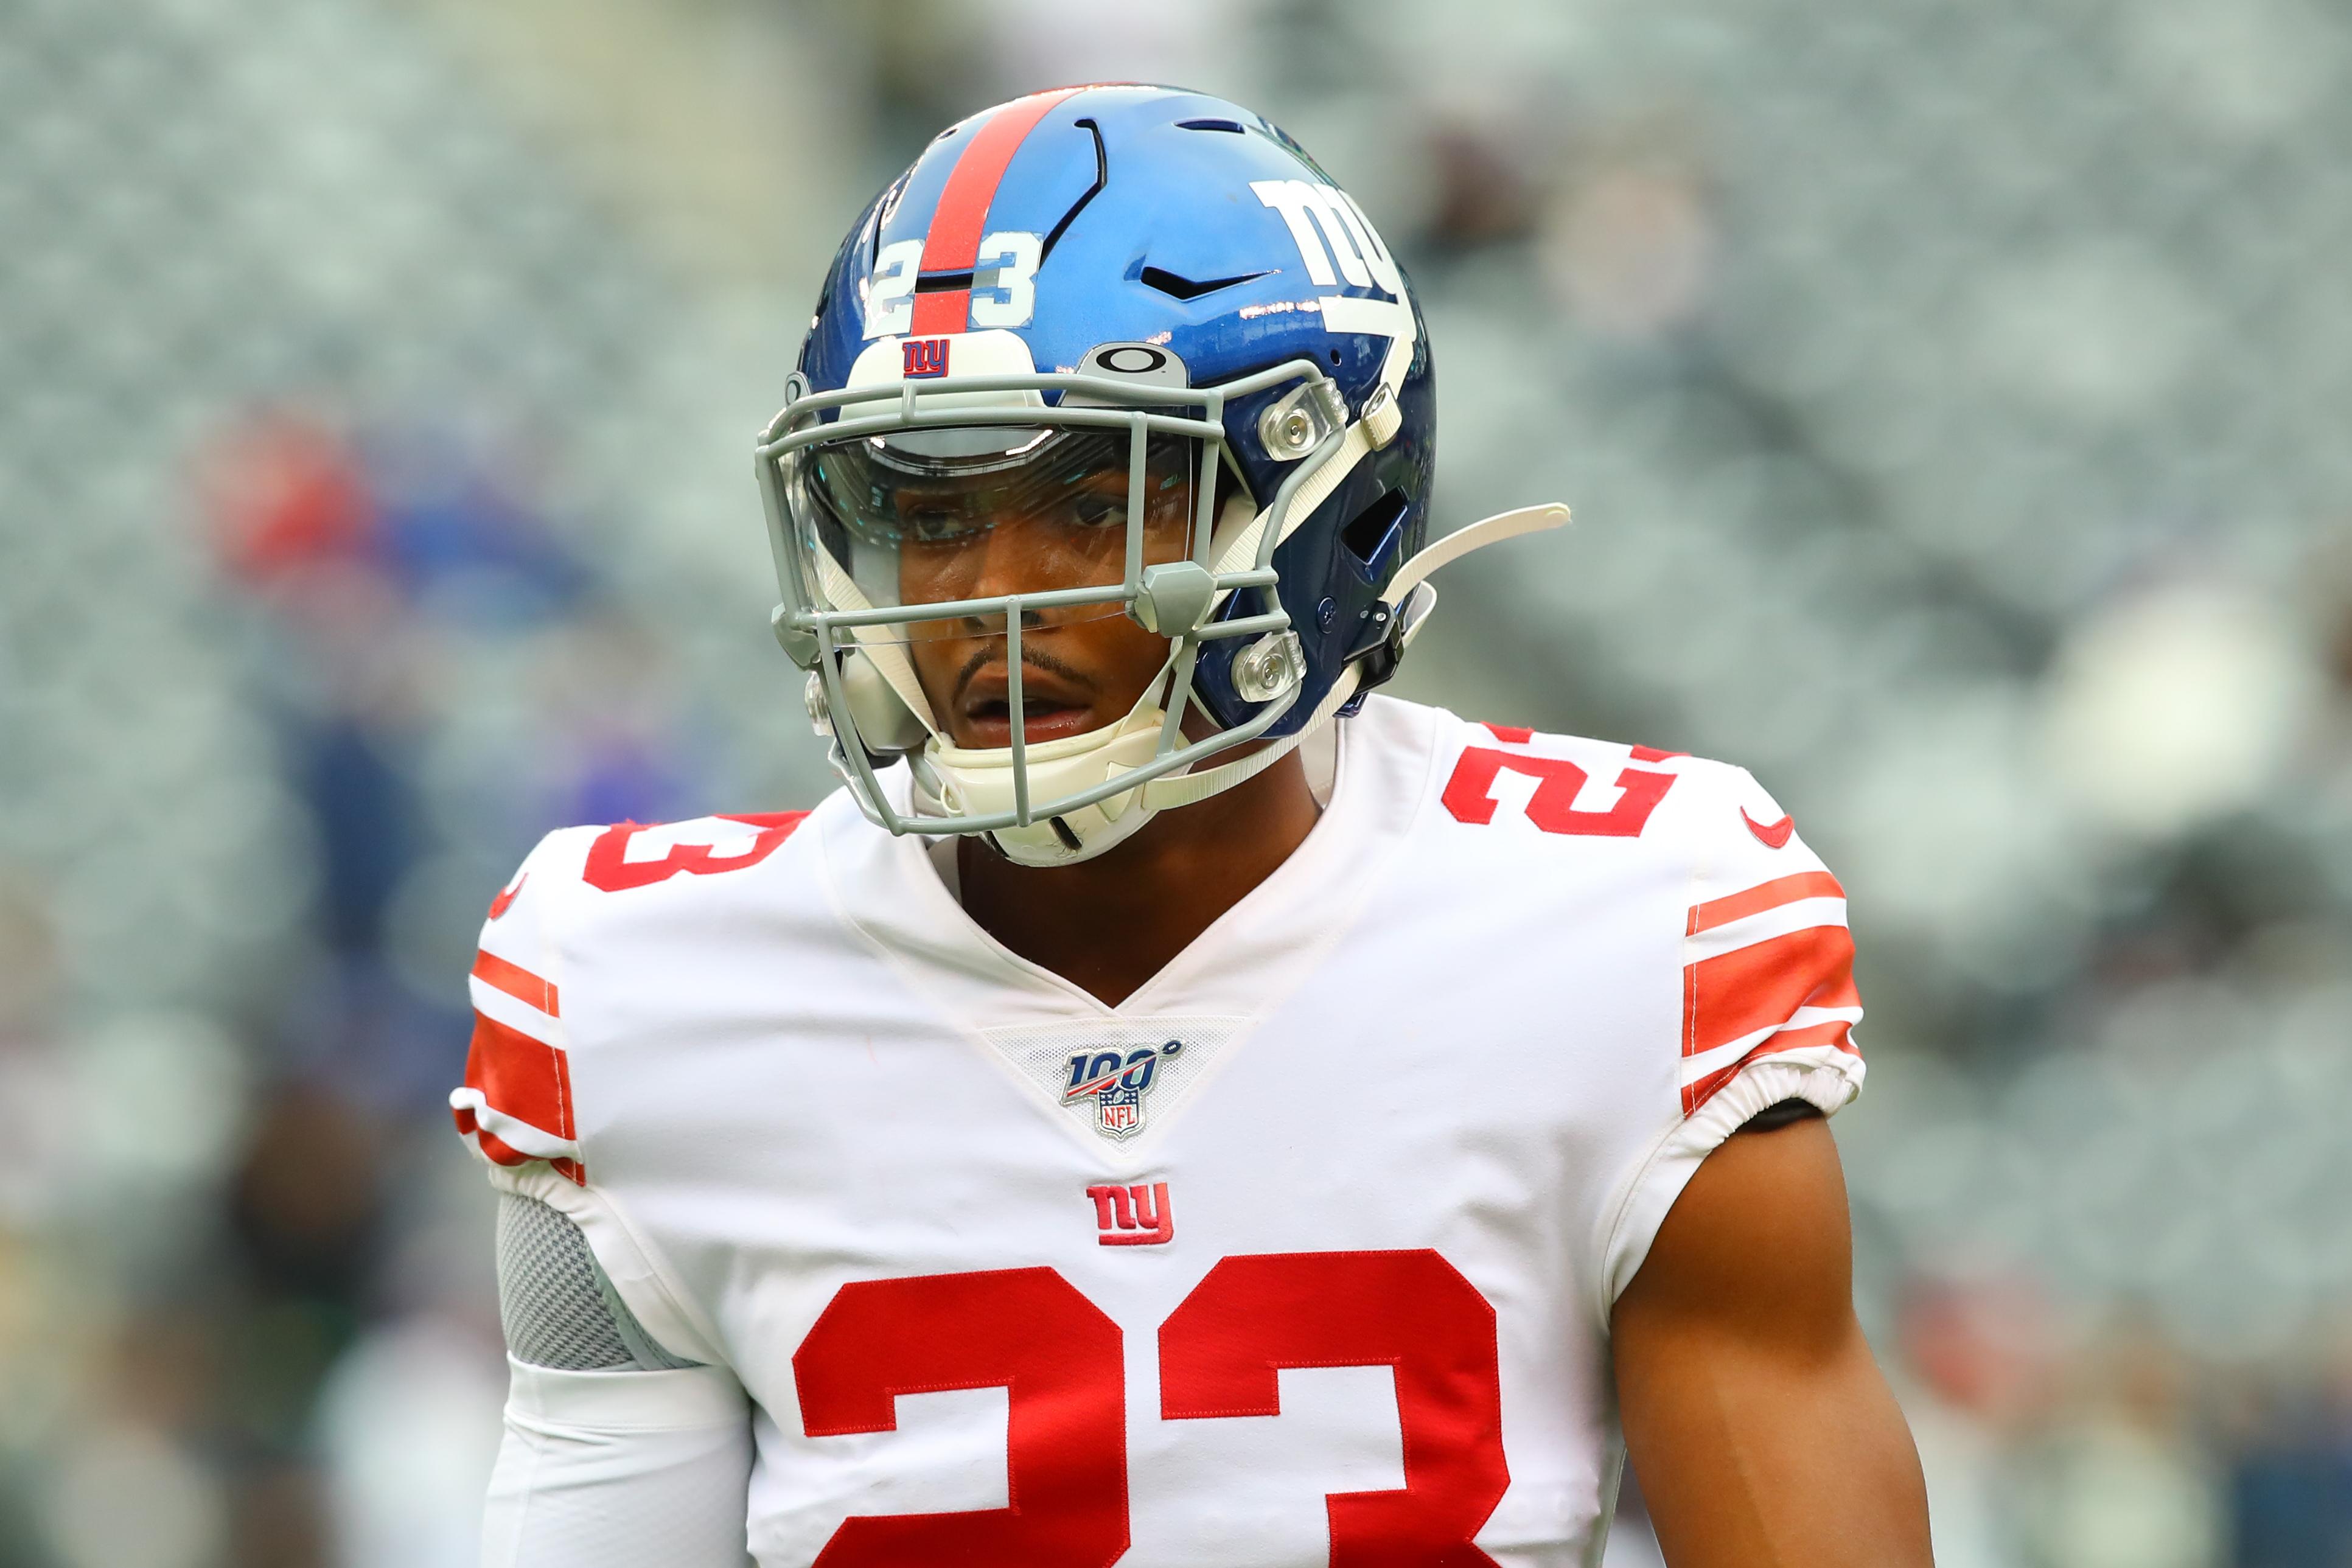 NFL: NOV 10 Giants at Jets